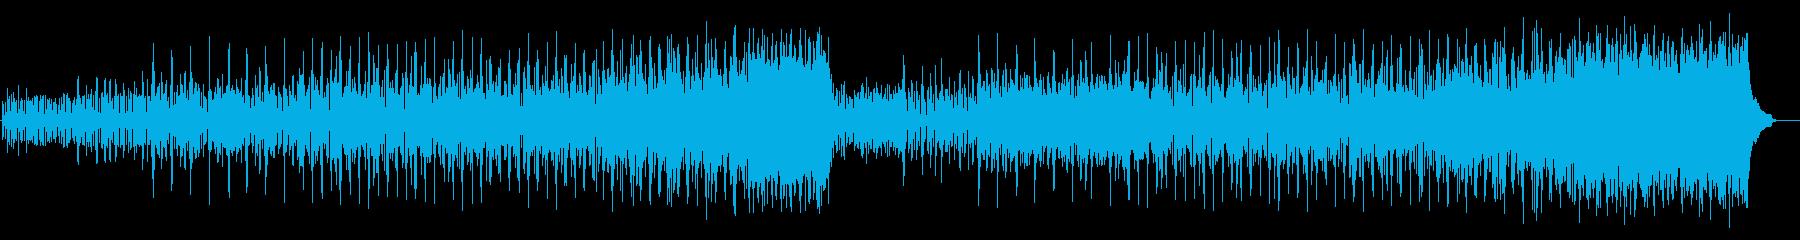 シリアスなワンシーンのマイナー調の再生済みの波形